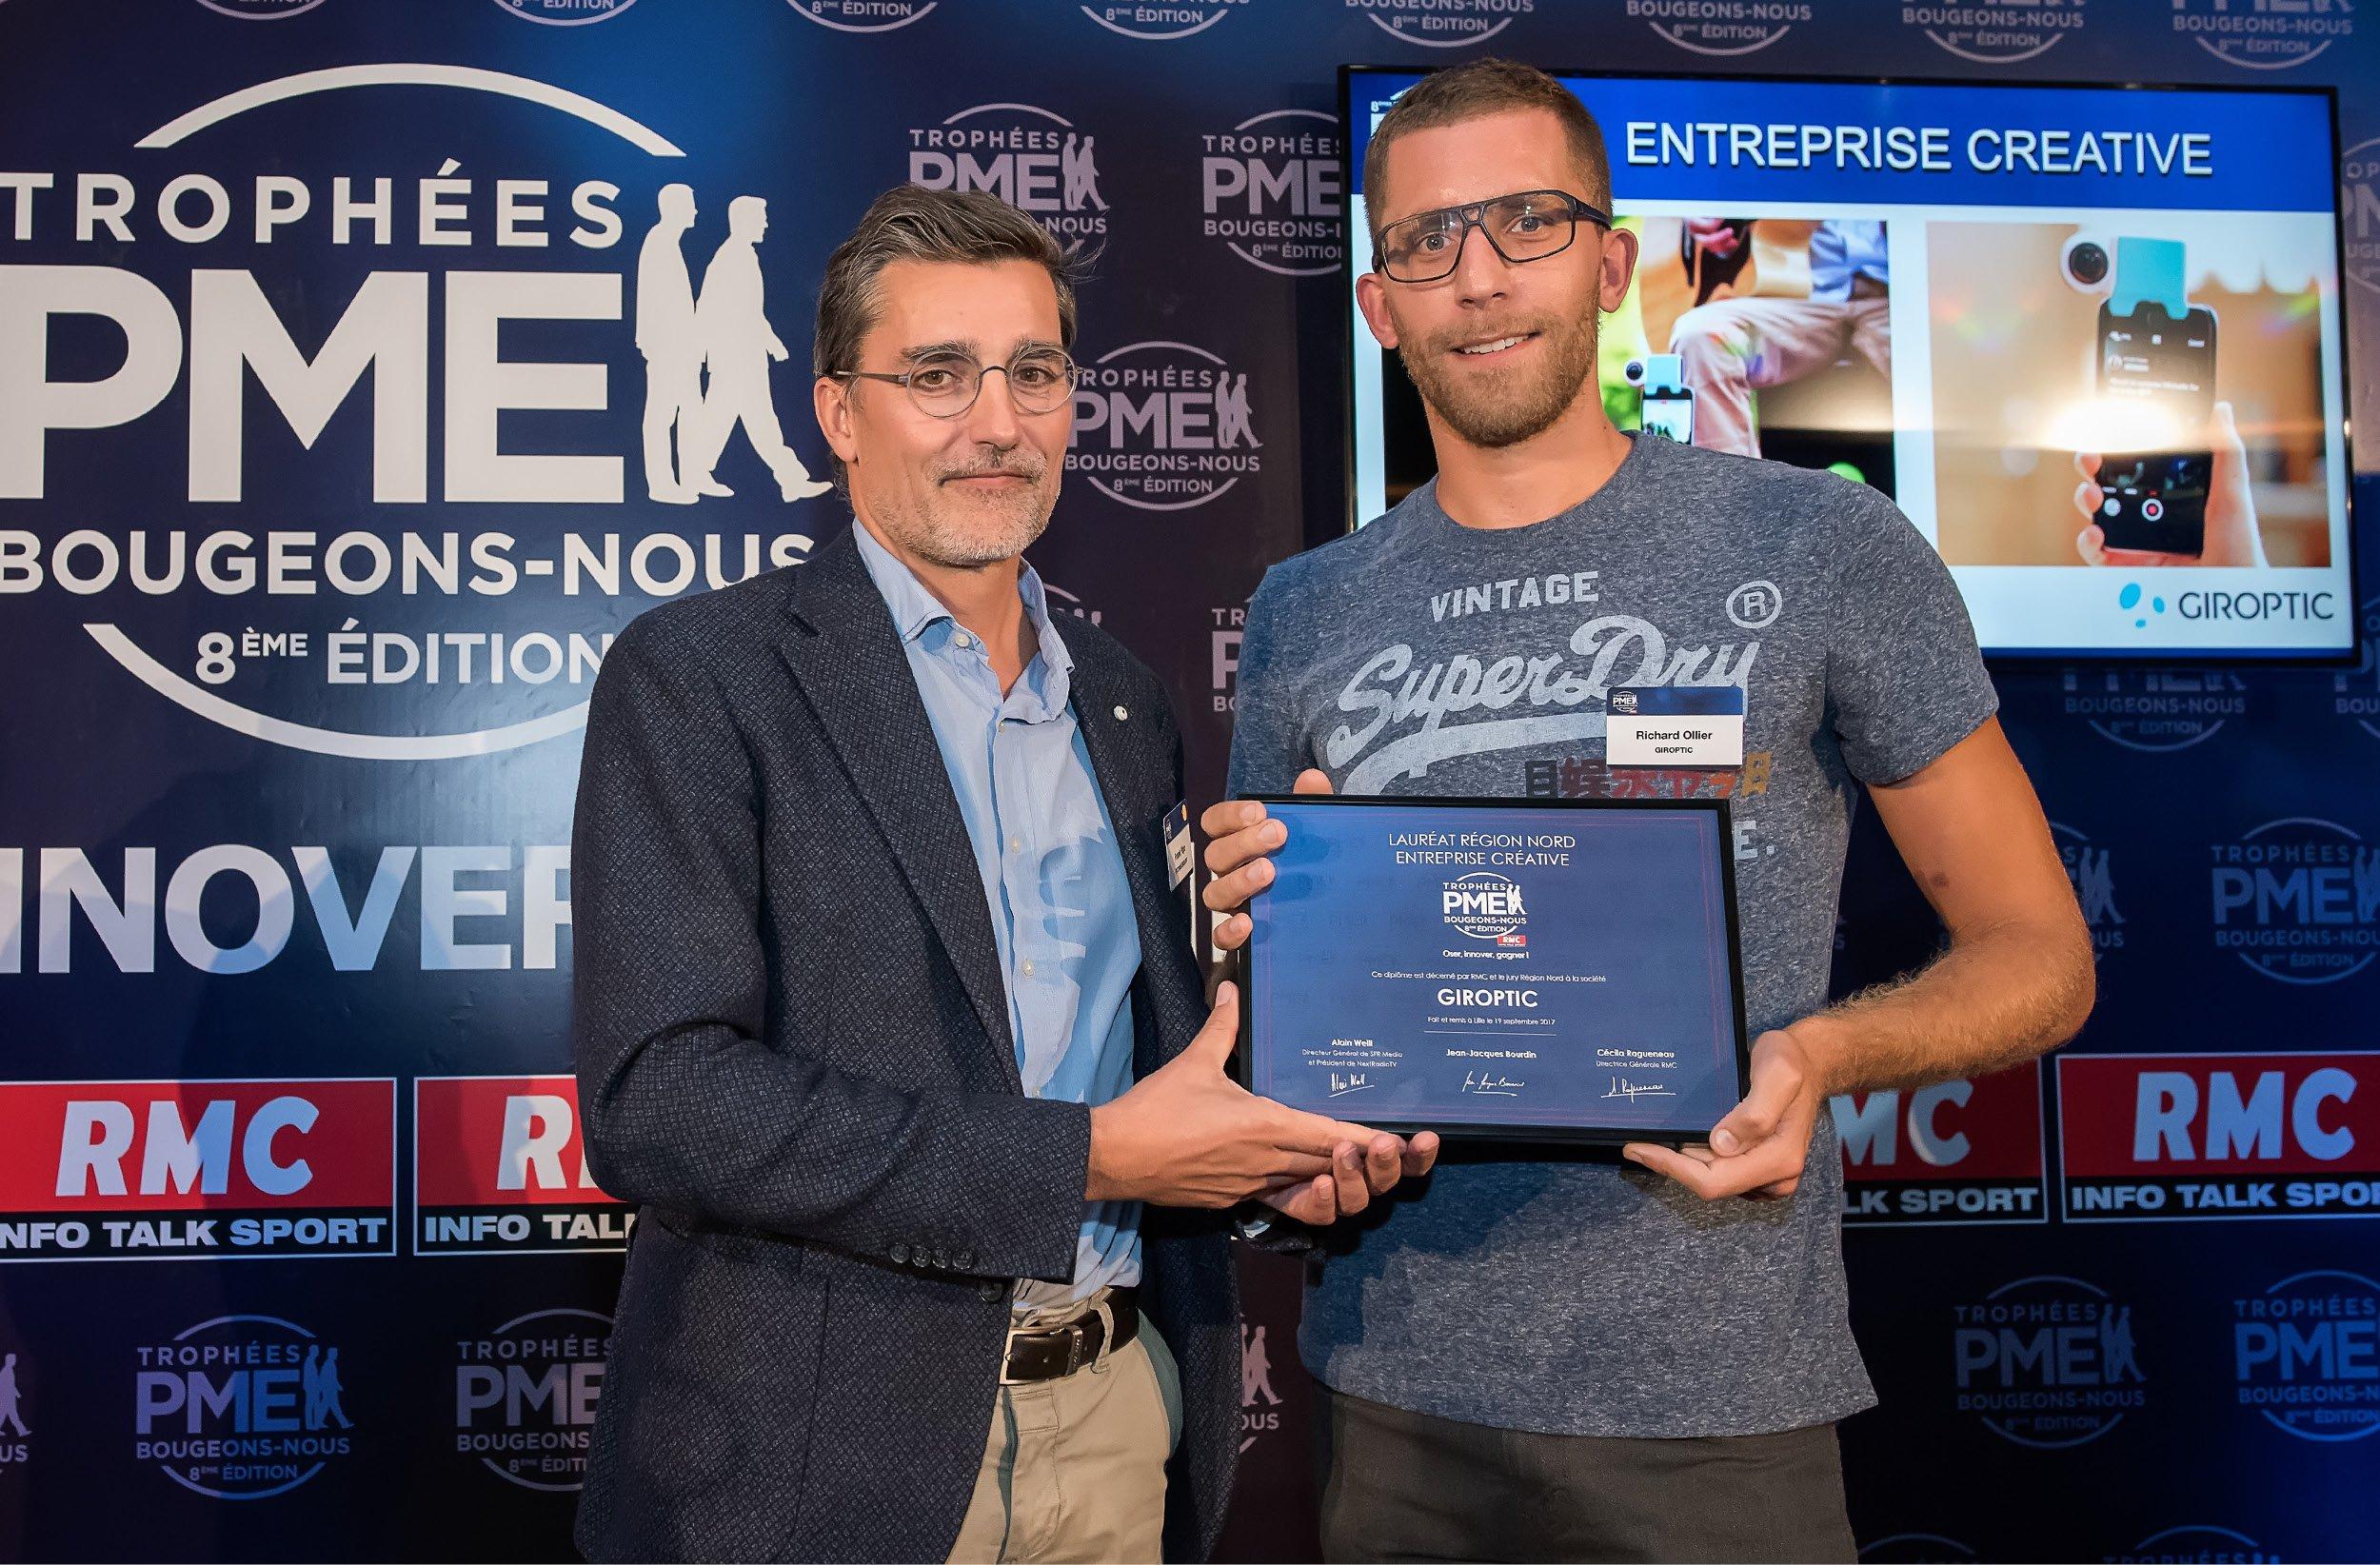 Giroptic, lauréat 2017 des Trophées RMC PME Bougeons-Nous